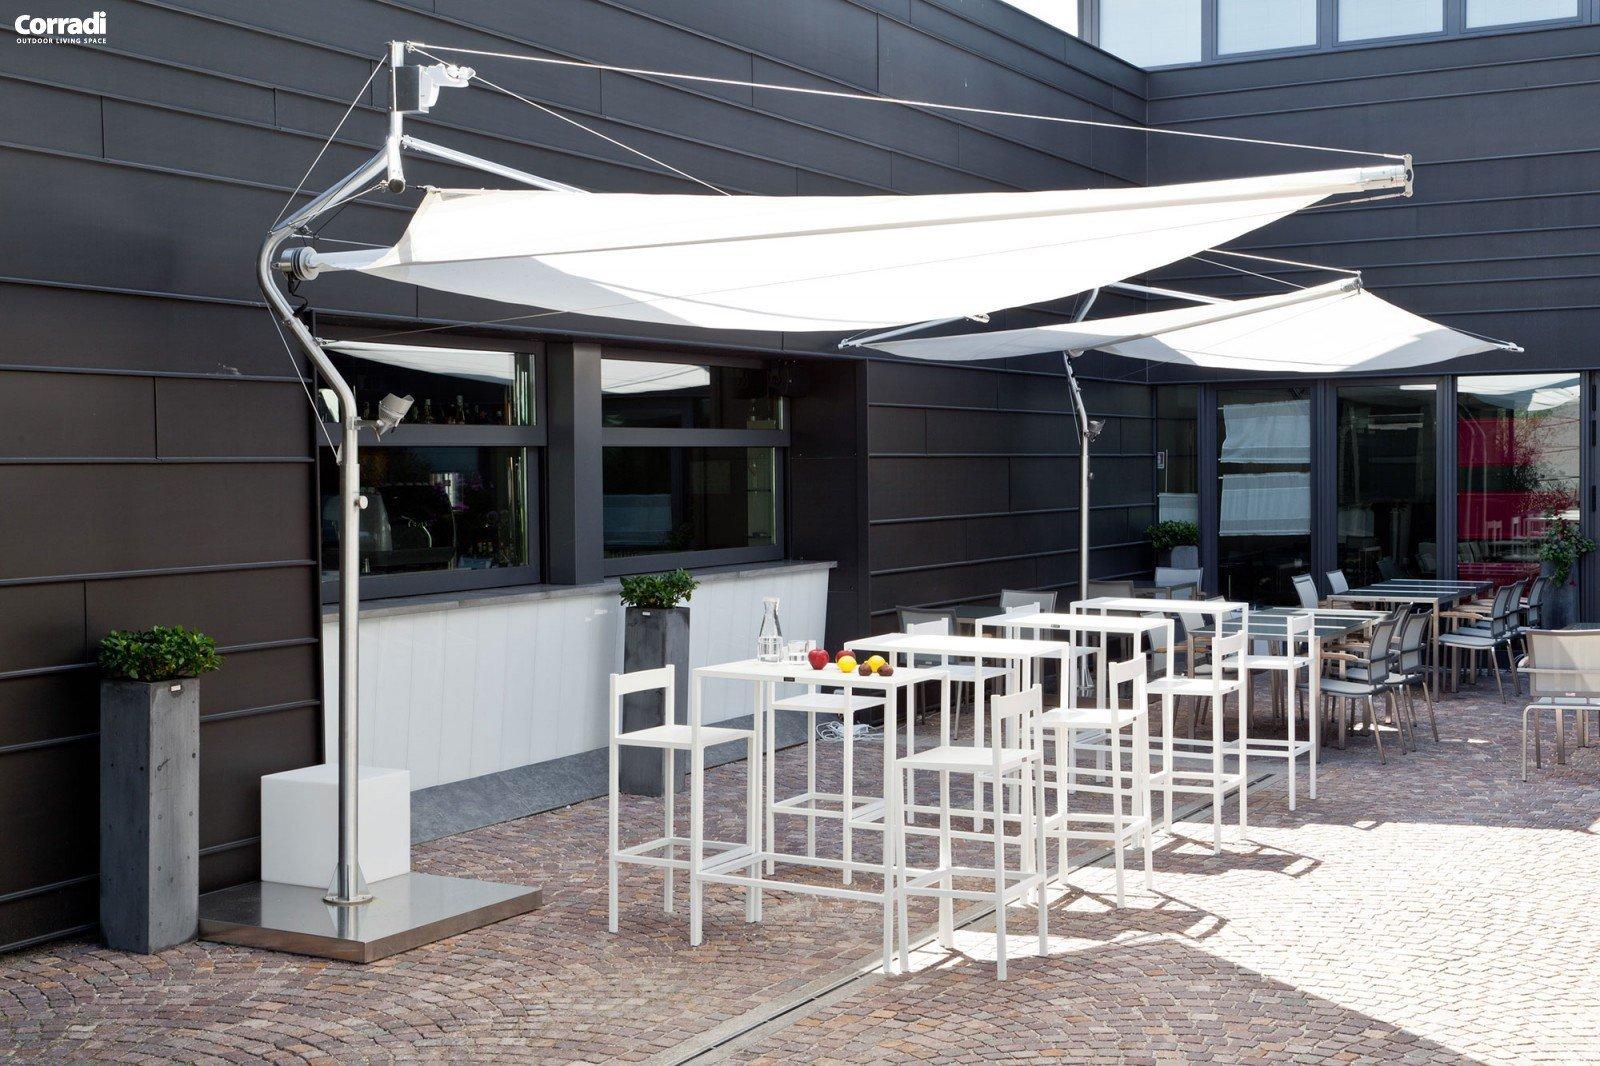 Corradi hnh hotel mestre 060 serramenti brescia net for Architetti studi architettura brescia